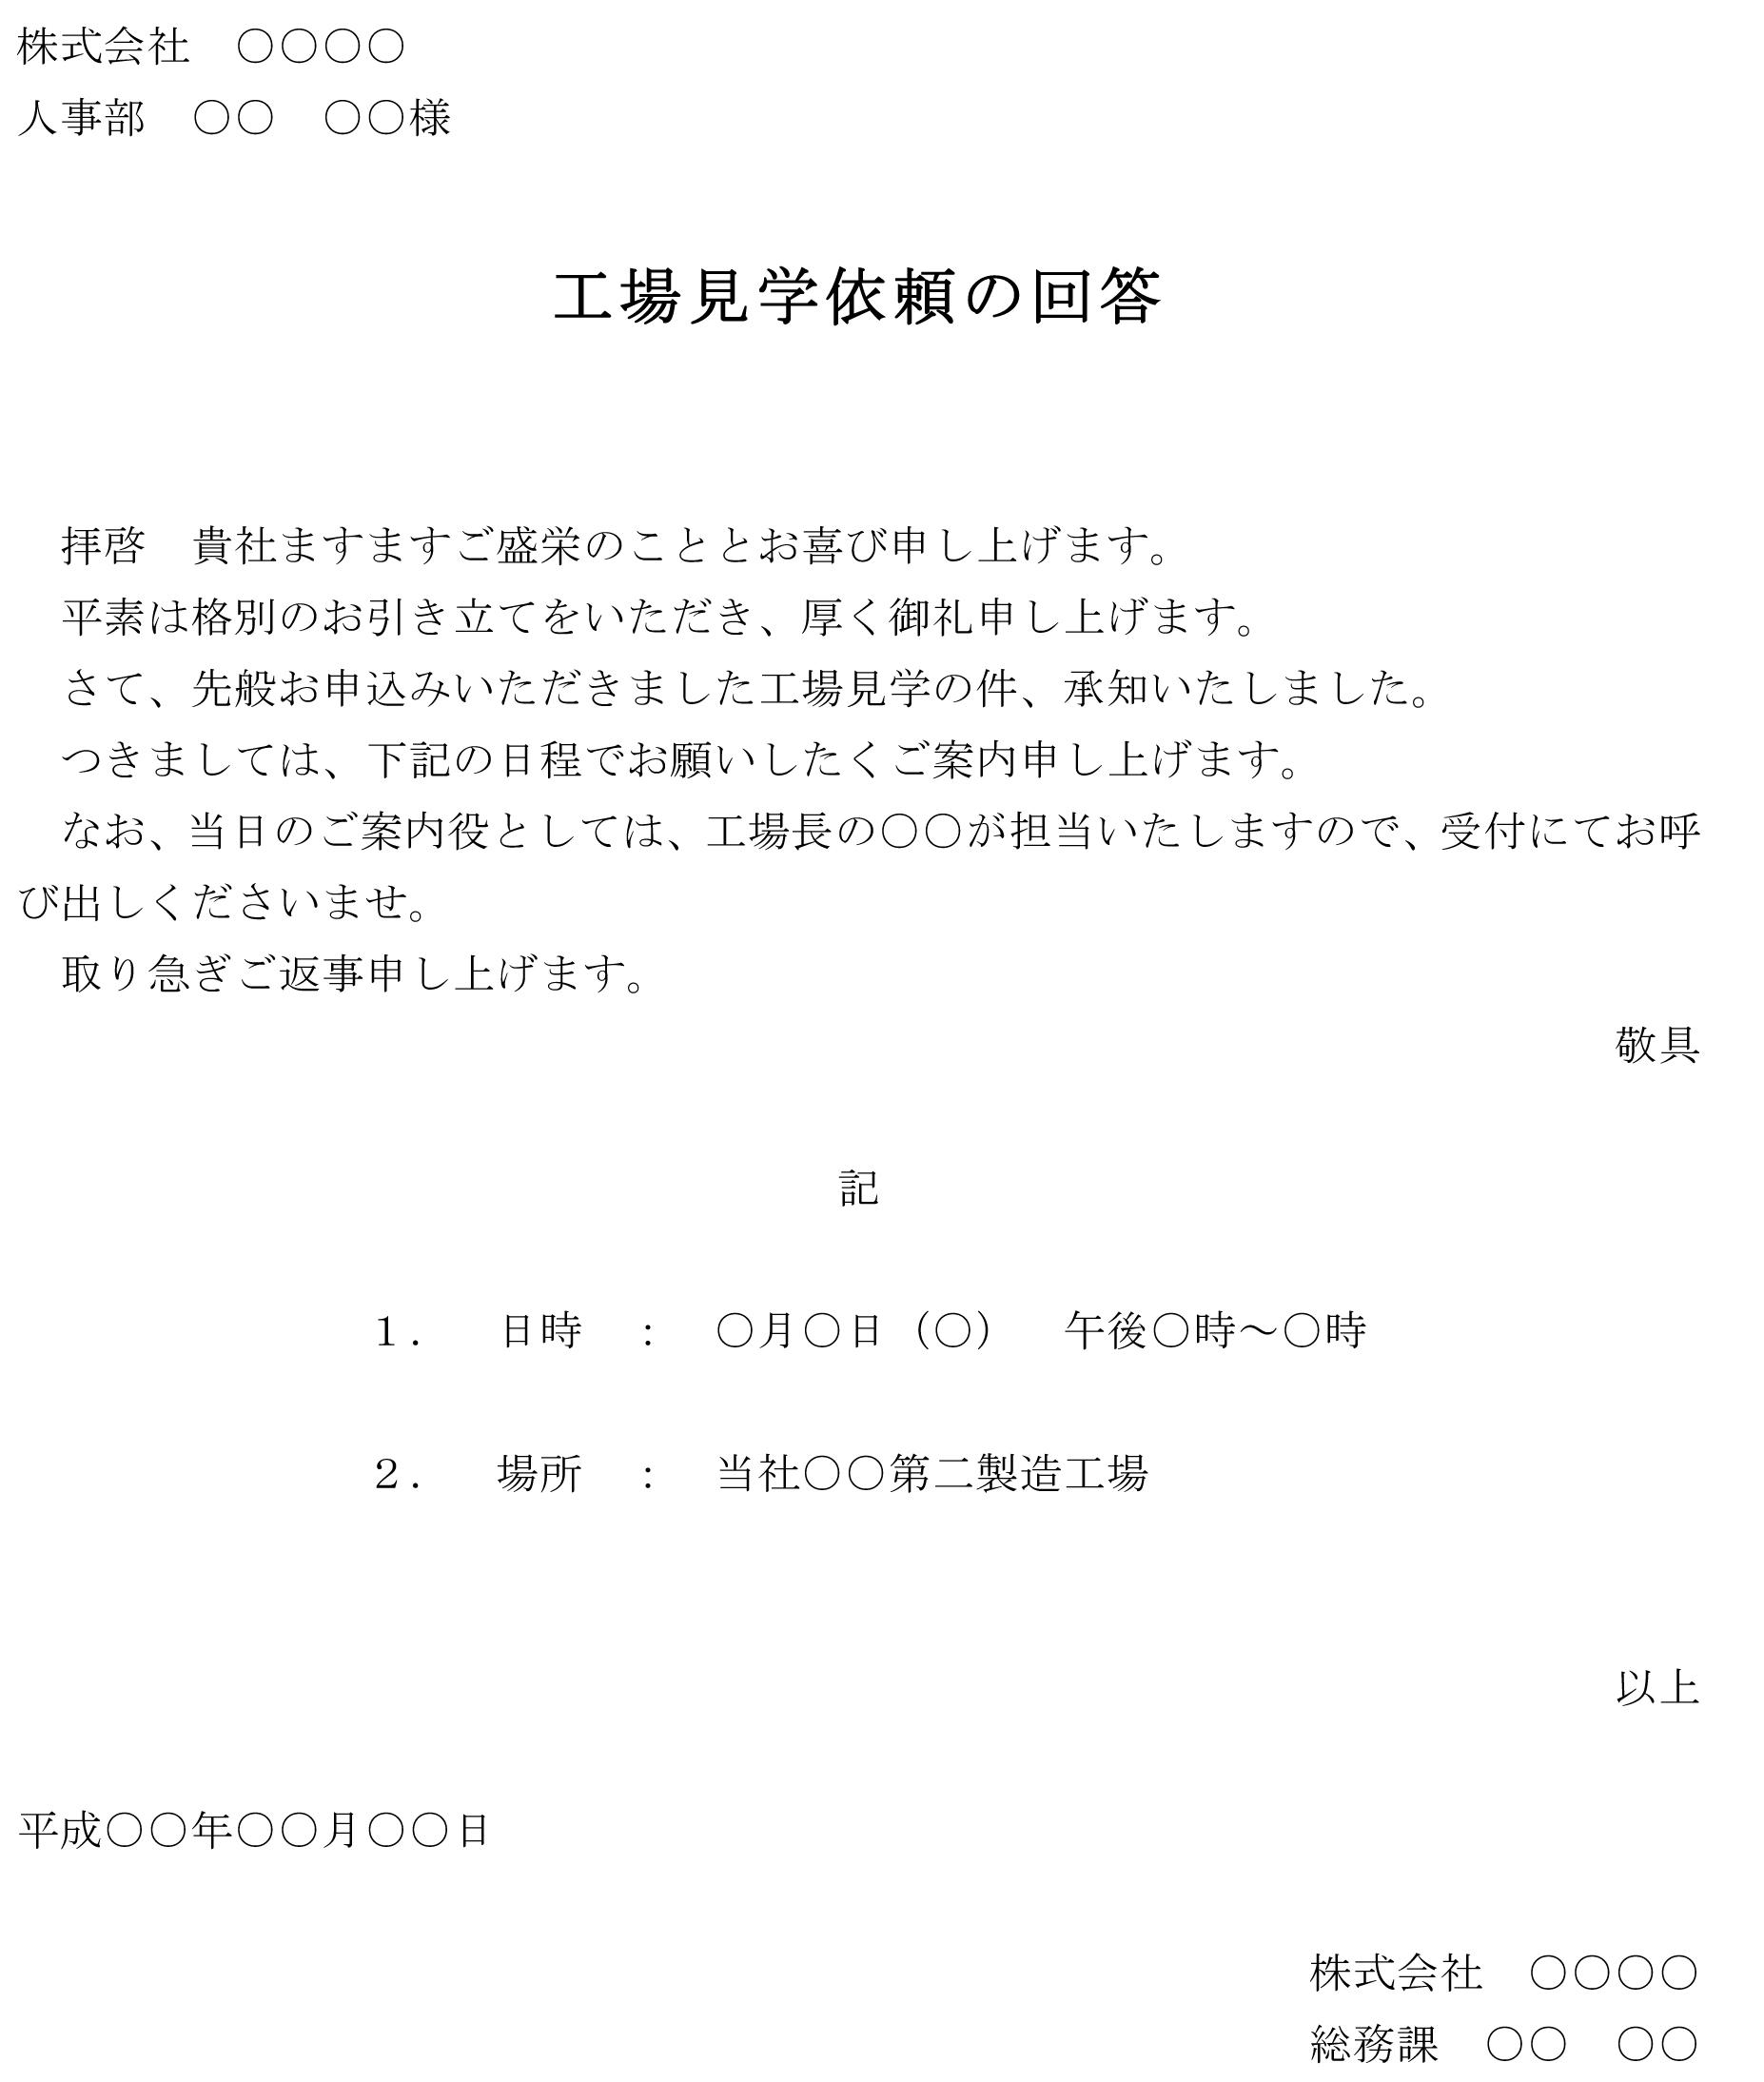 回答書(工場見学依頼)のテンプレート書式